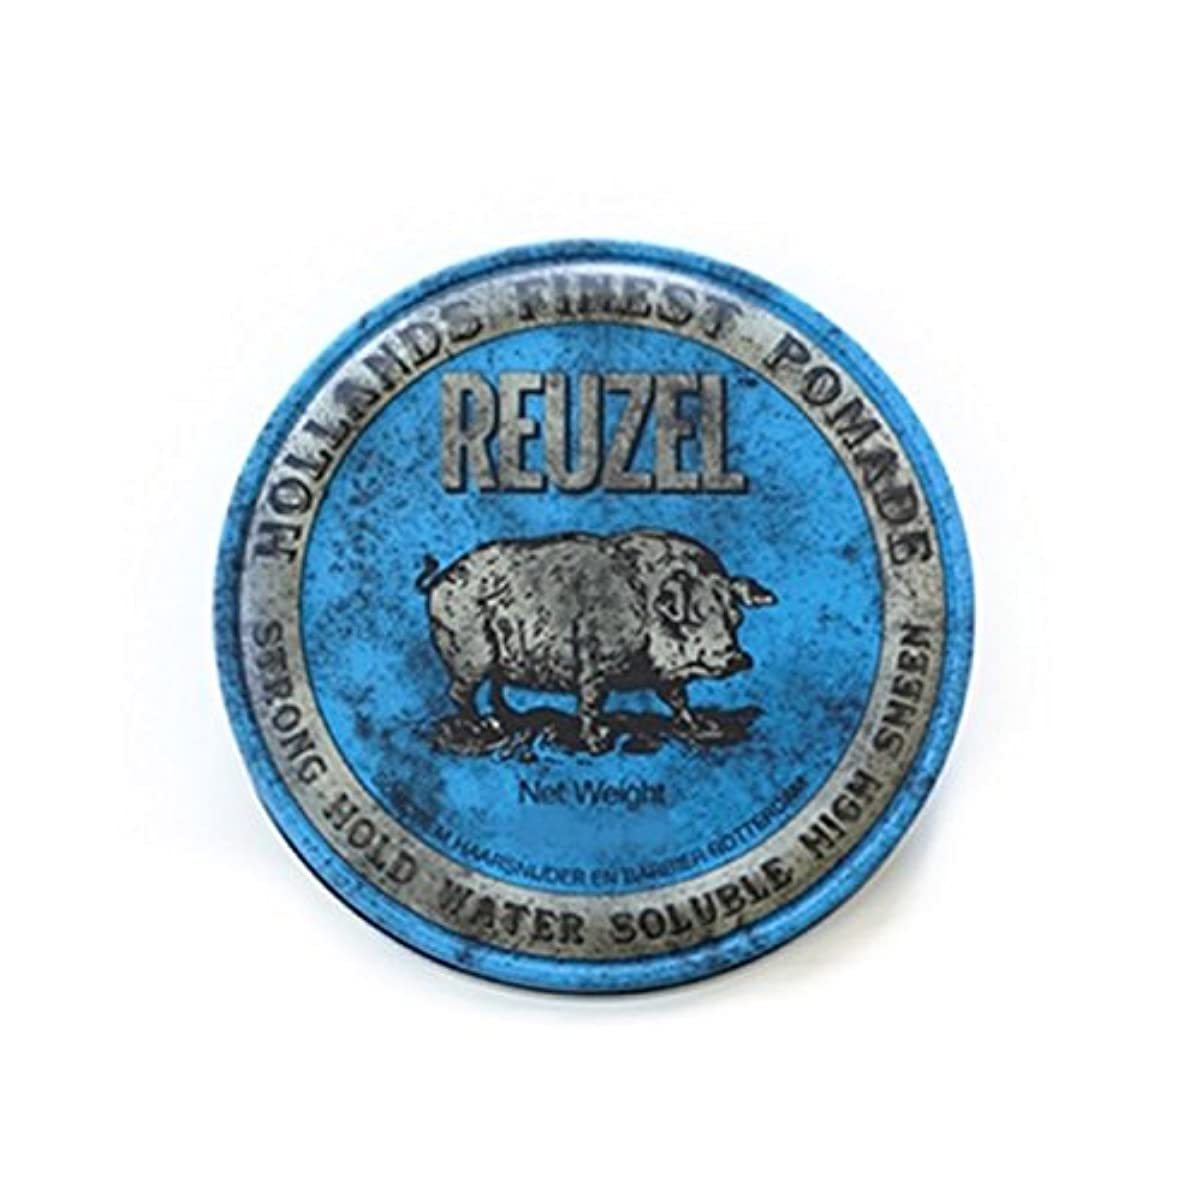 比較的黒人演劇REUZEL ルーゾーストロングホールドポマード  12oz.-340g 【青】340g <水溶性: ストロングホールド>